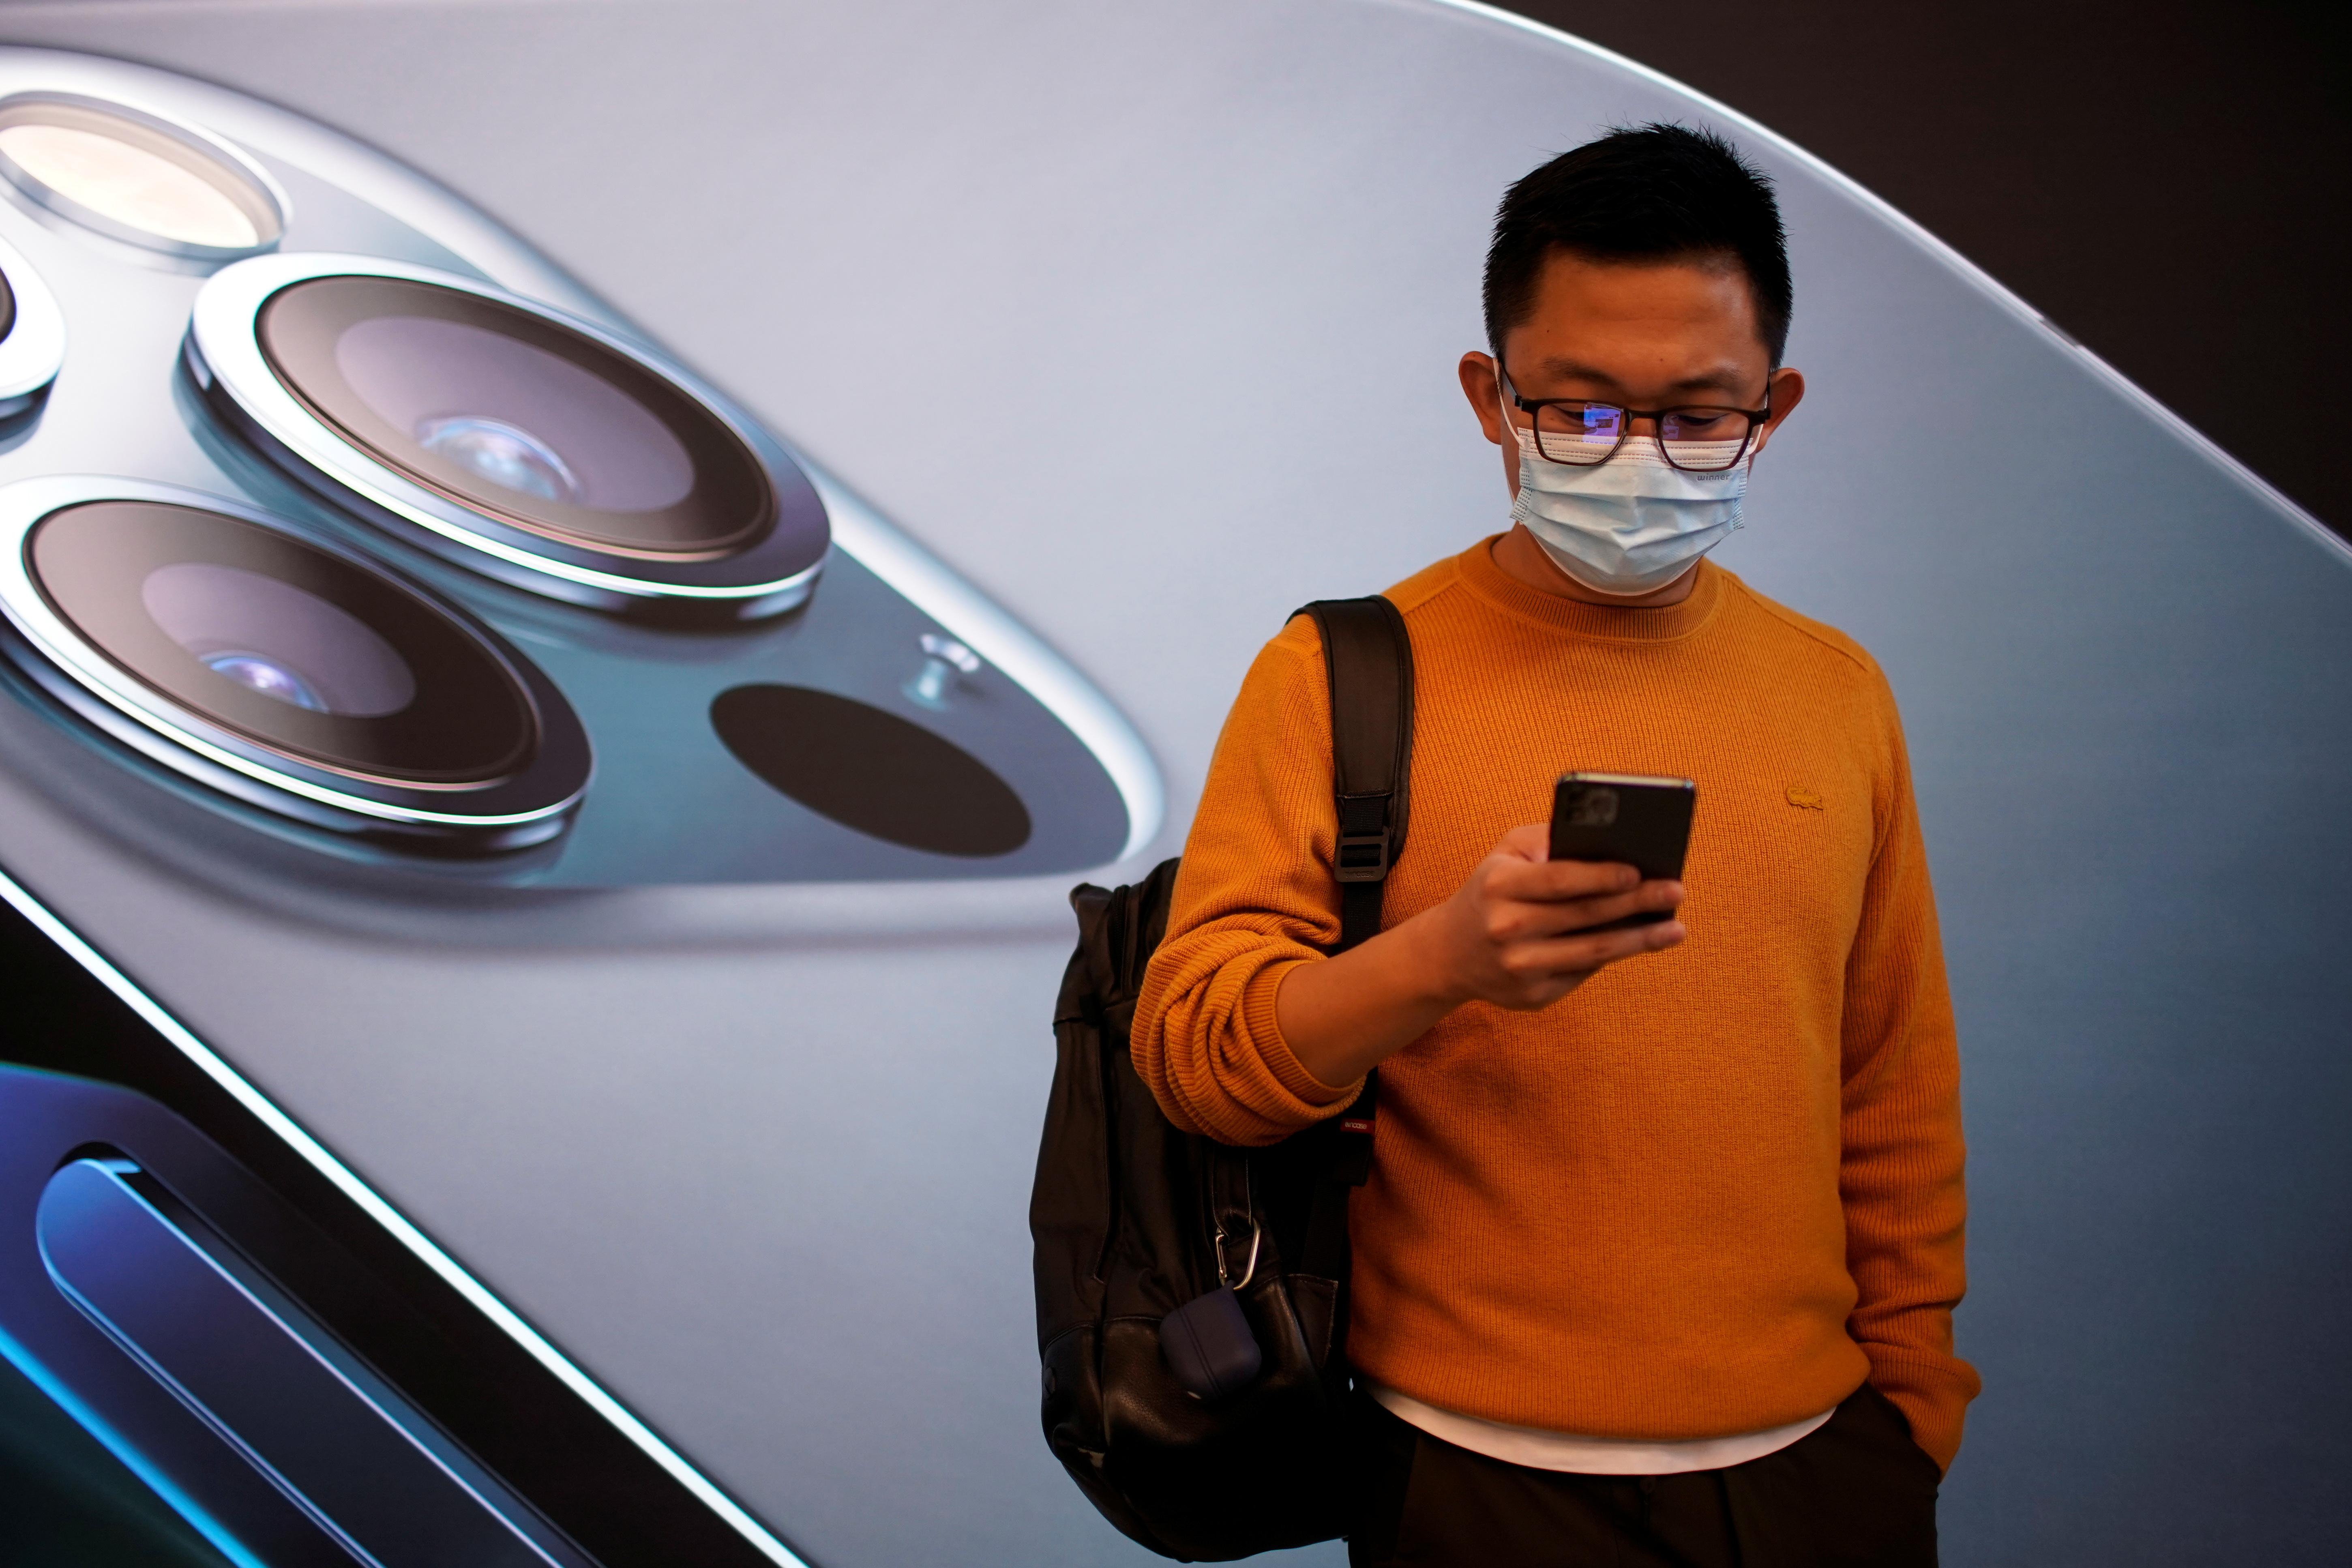 iPhoneがマスクしたままFace IDロック解除に対応、ただしApple Watch必須 (設定方法) - Engadget 日本版